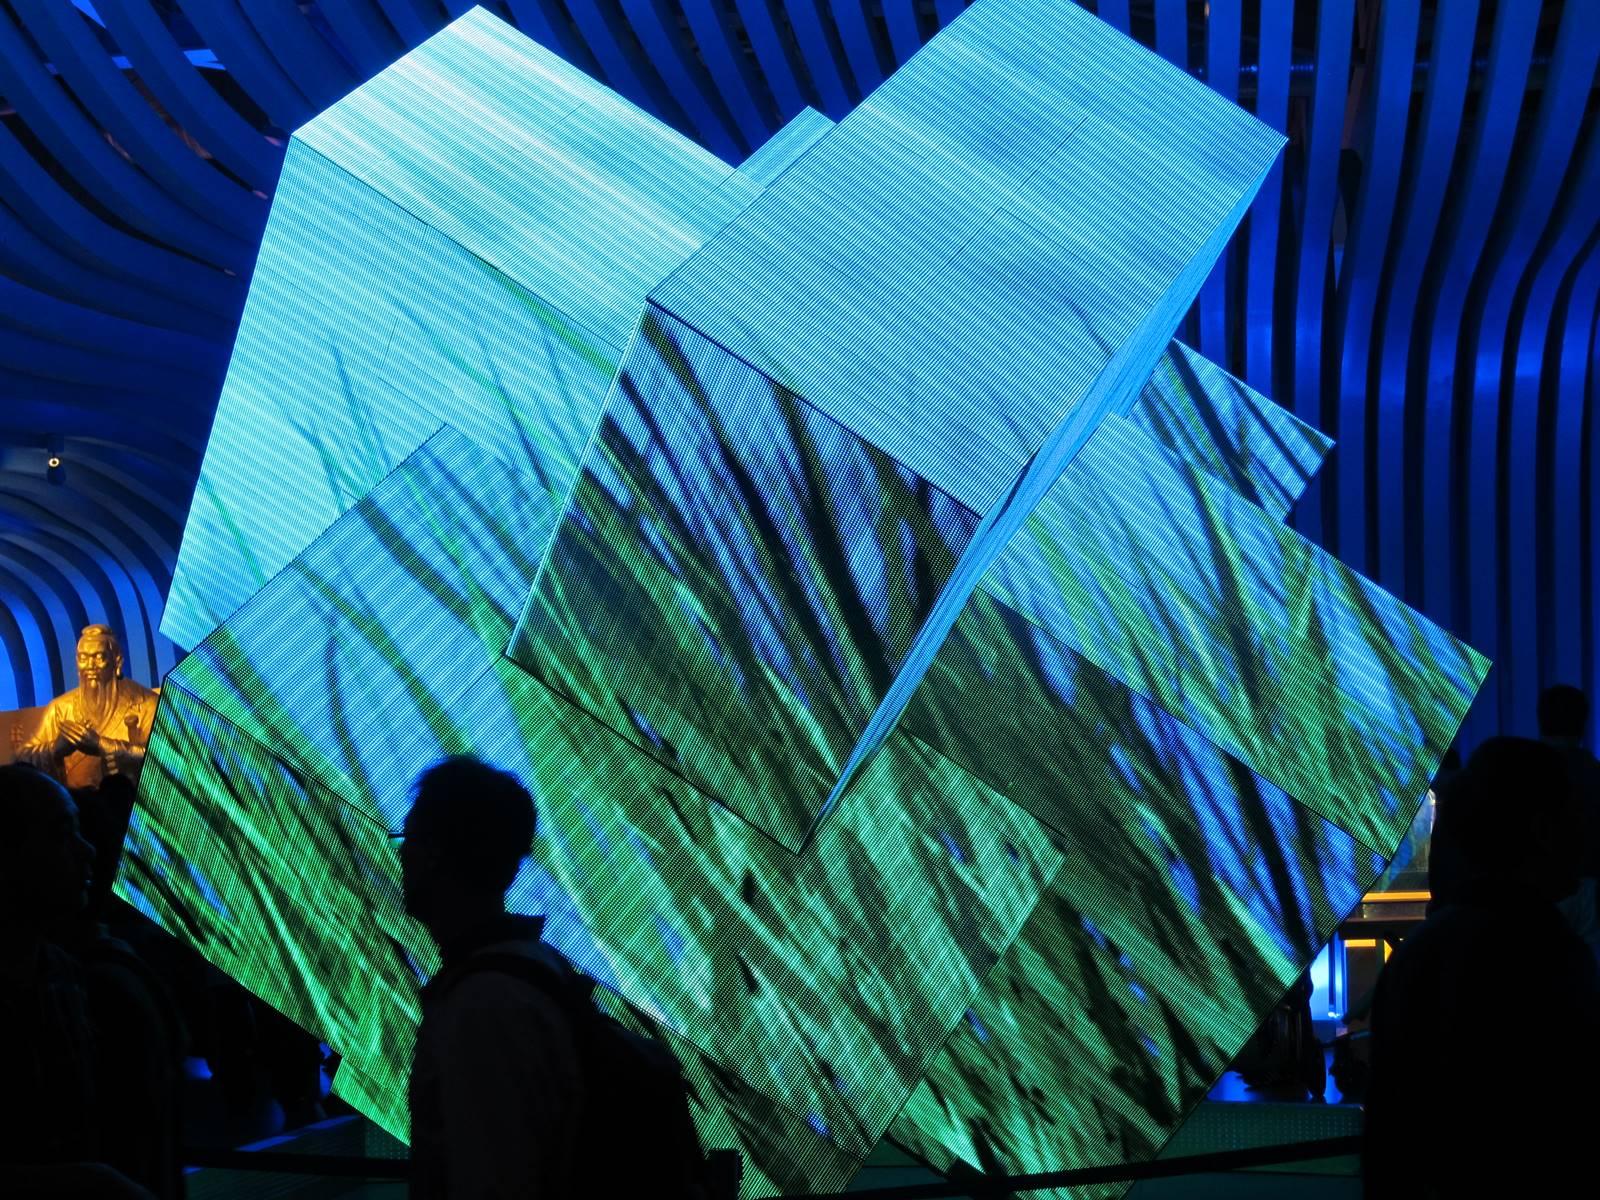 Expo Shanghai 2010 (9)